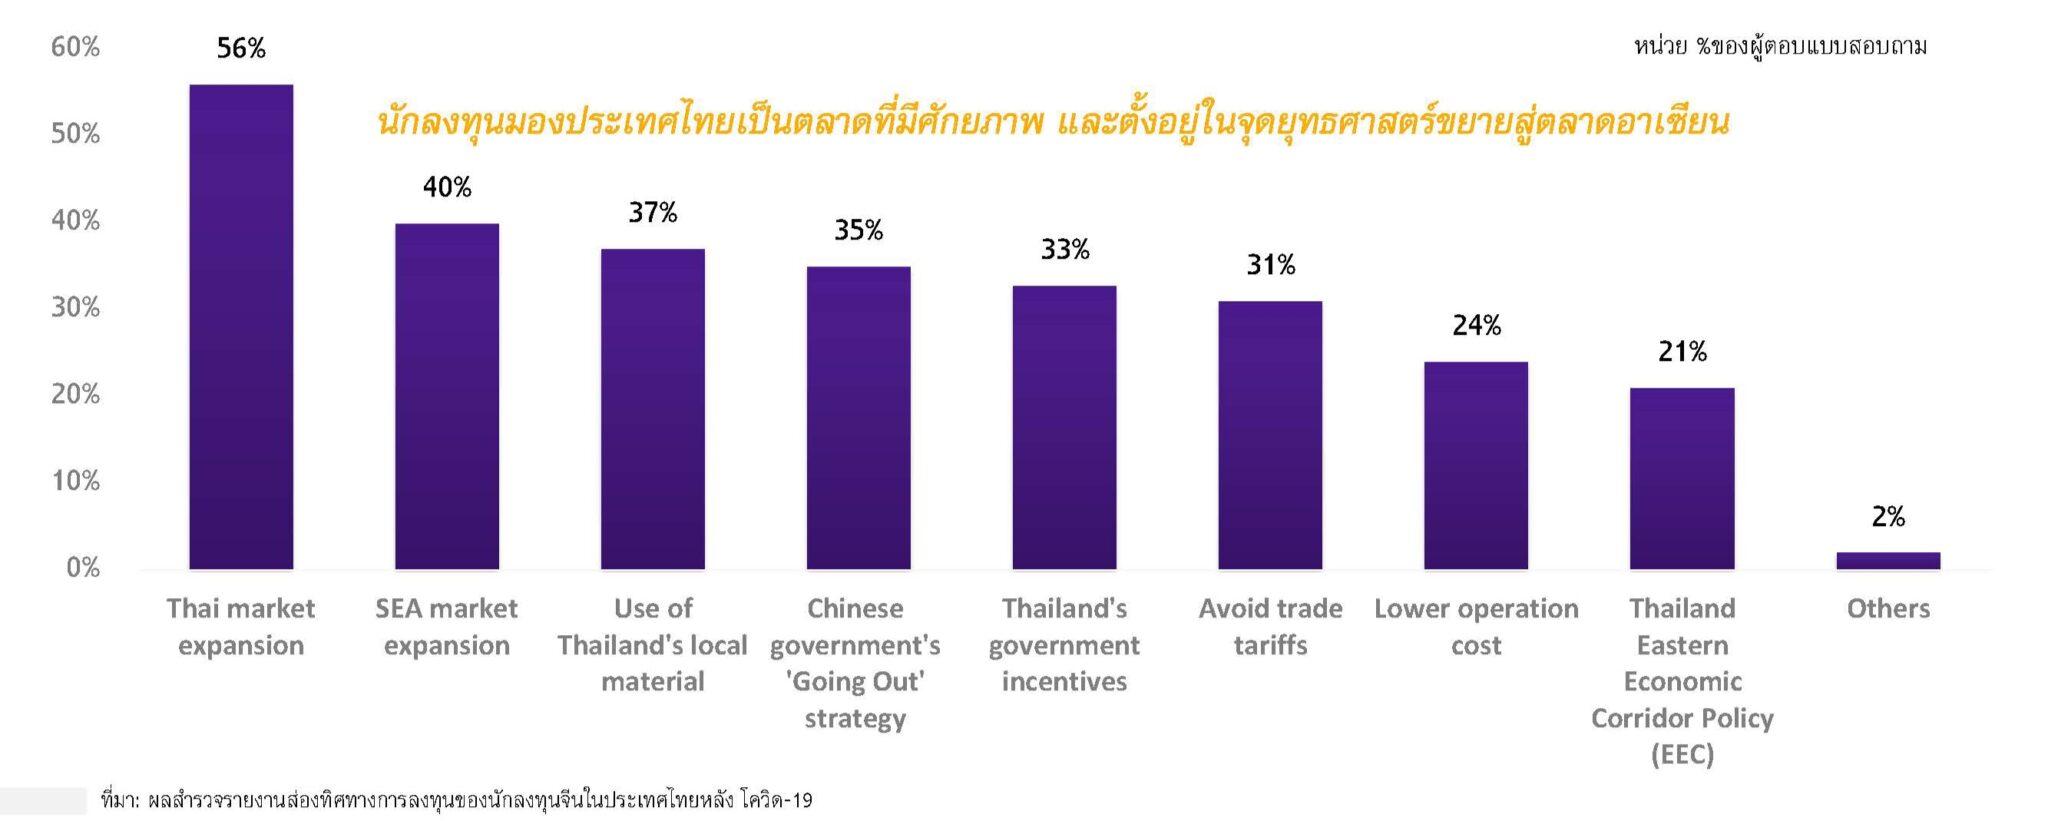 SCBเผยนักลงทุนจีนจ่อปักฐานลงทุนไทย เชื่อมั่นศักยภาพเป็นศูนย์กลางขยายตลาดสู่อาเซียน | Prop2Morrow บ้าน คอนโด ข่าวอสังหาฯ